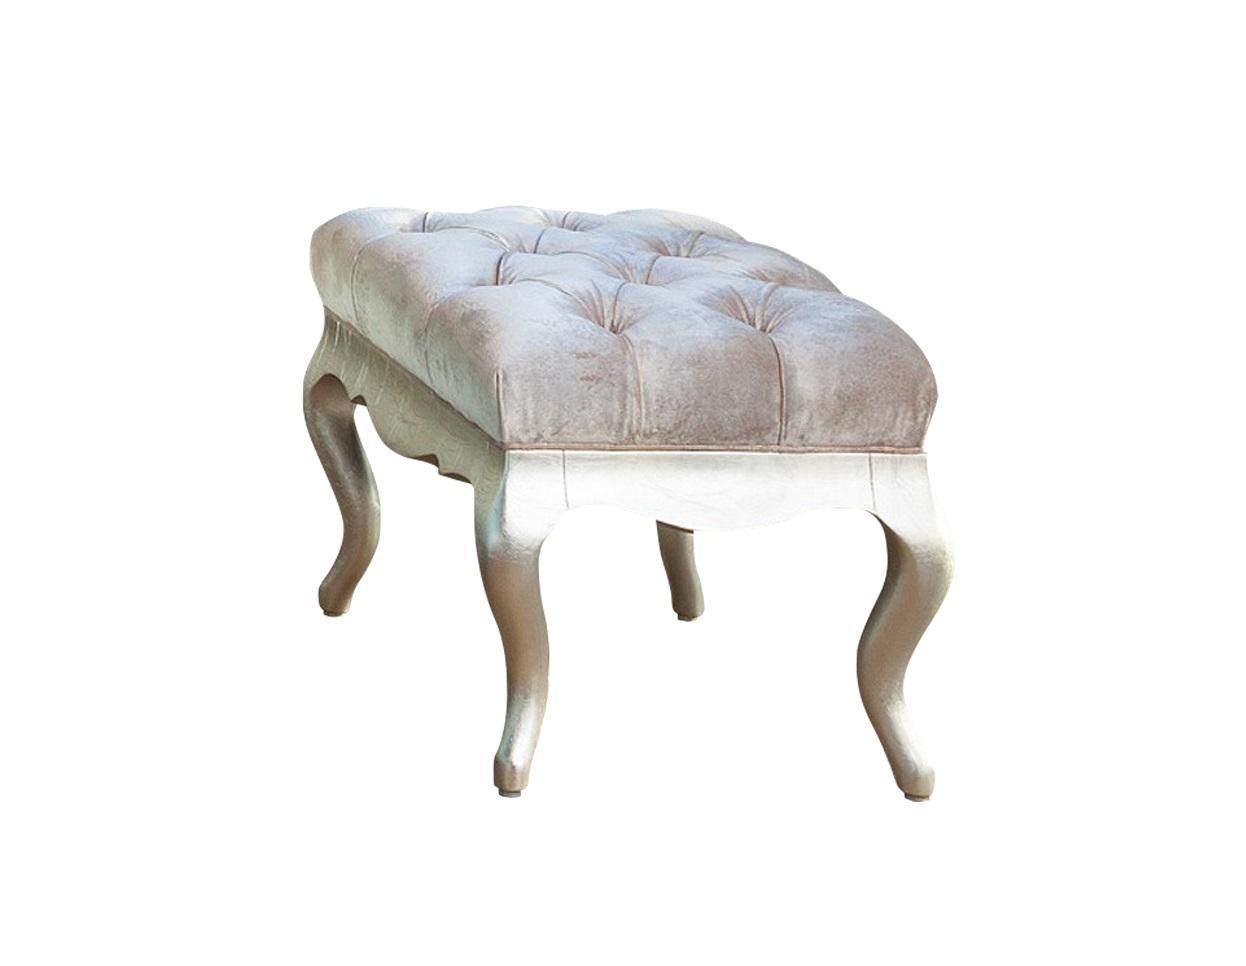 Банкетка VENEZIAБанкетки<br>Пуфик на гнутых ножках выполнен в классическом стиле. Сиденье обито светло-бежевым велюром, ножки в отделке сусальное серебро, декорирован капитоне. Сделан из массива дерева.<br><br>Material: Дерево<br>Width см: 64,6<br>Depth см: 44,6<br>Height см: 45